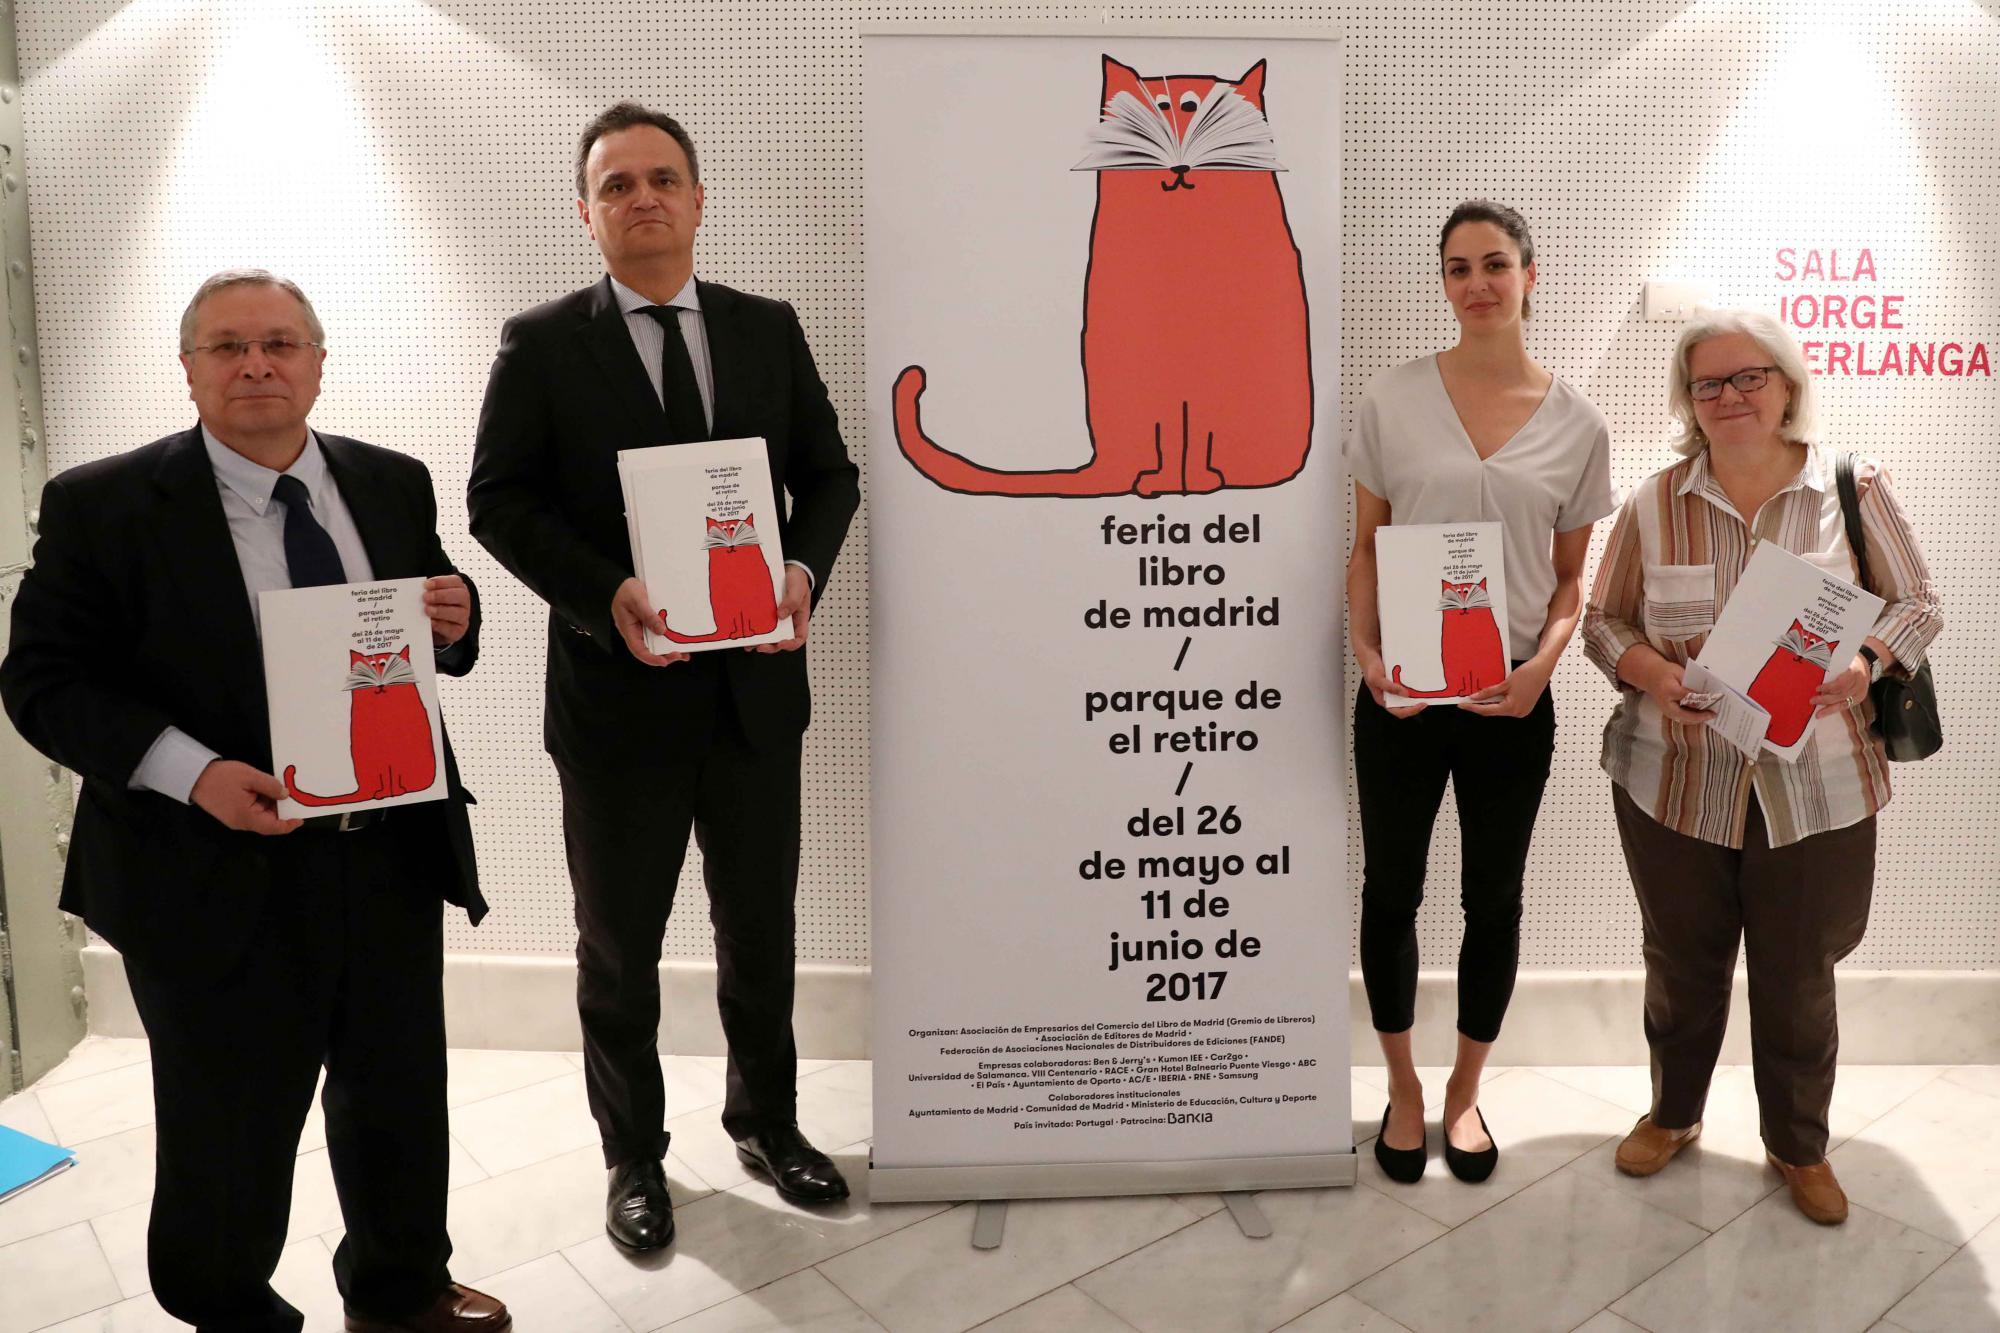 La Feria rinde homenaje a Madrid, ciudad de la lectura